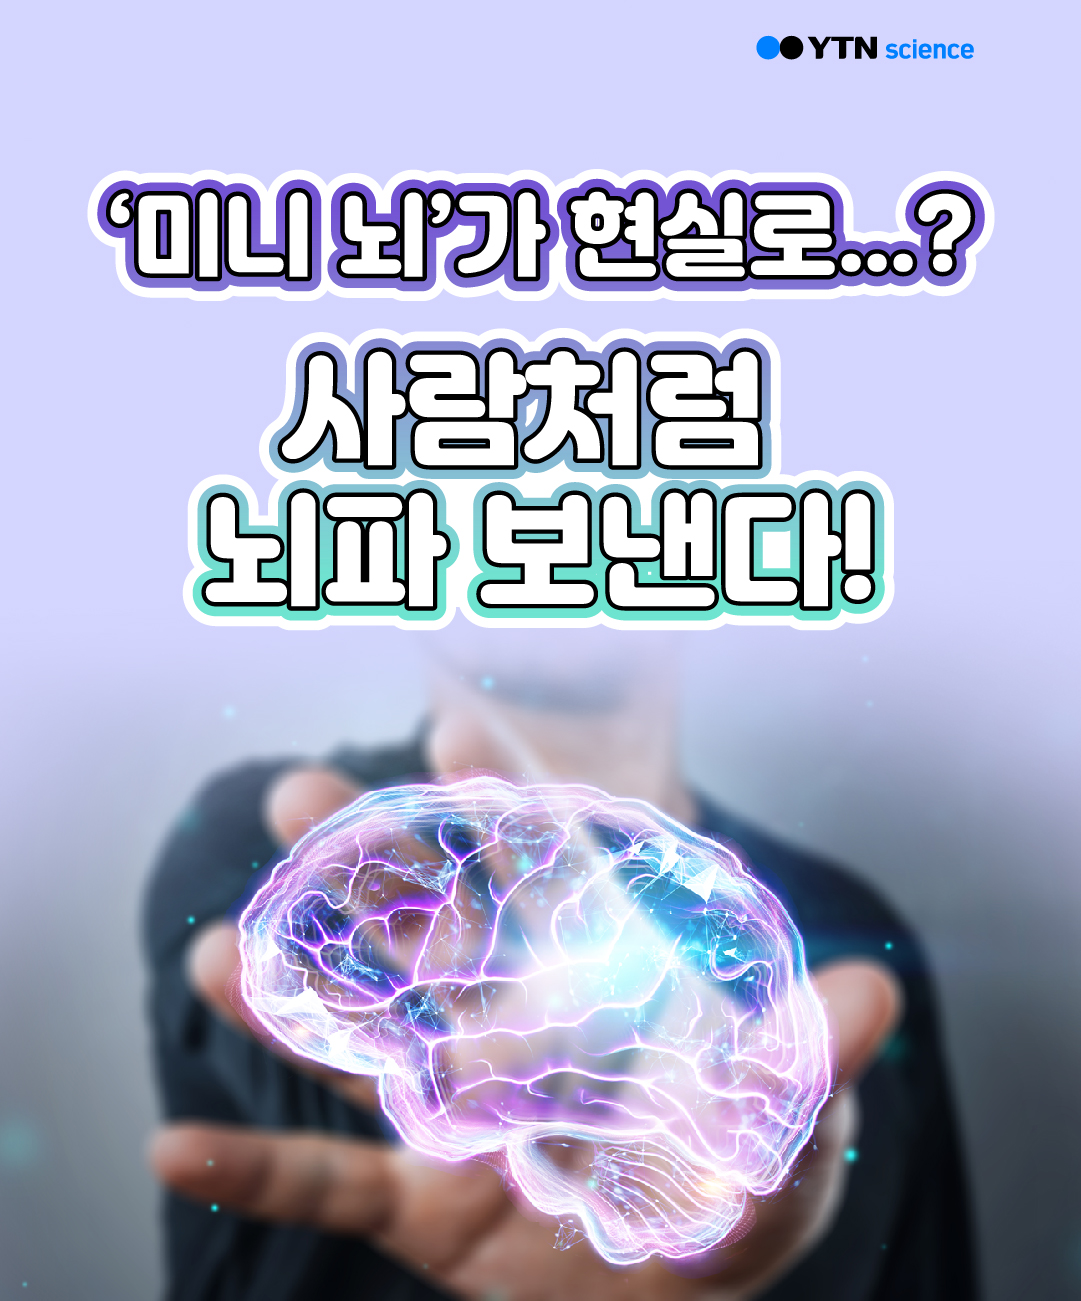 '미니 뇌'가 현실로...? 사람처럼 뇌파 보낸다! 이미지